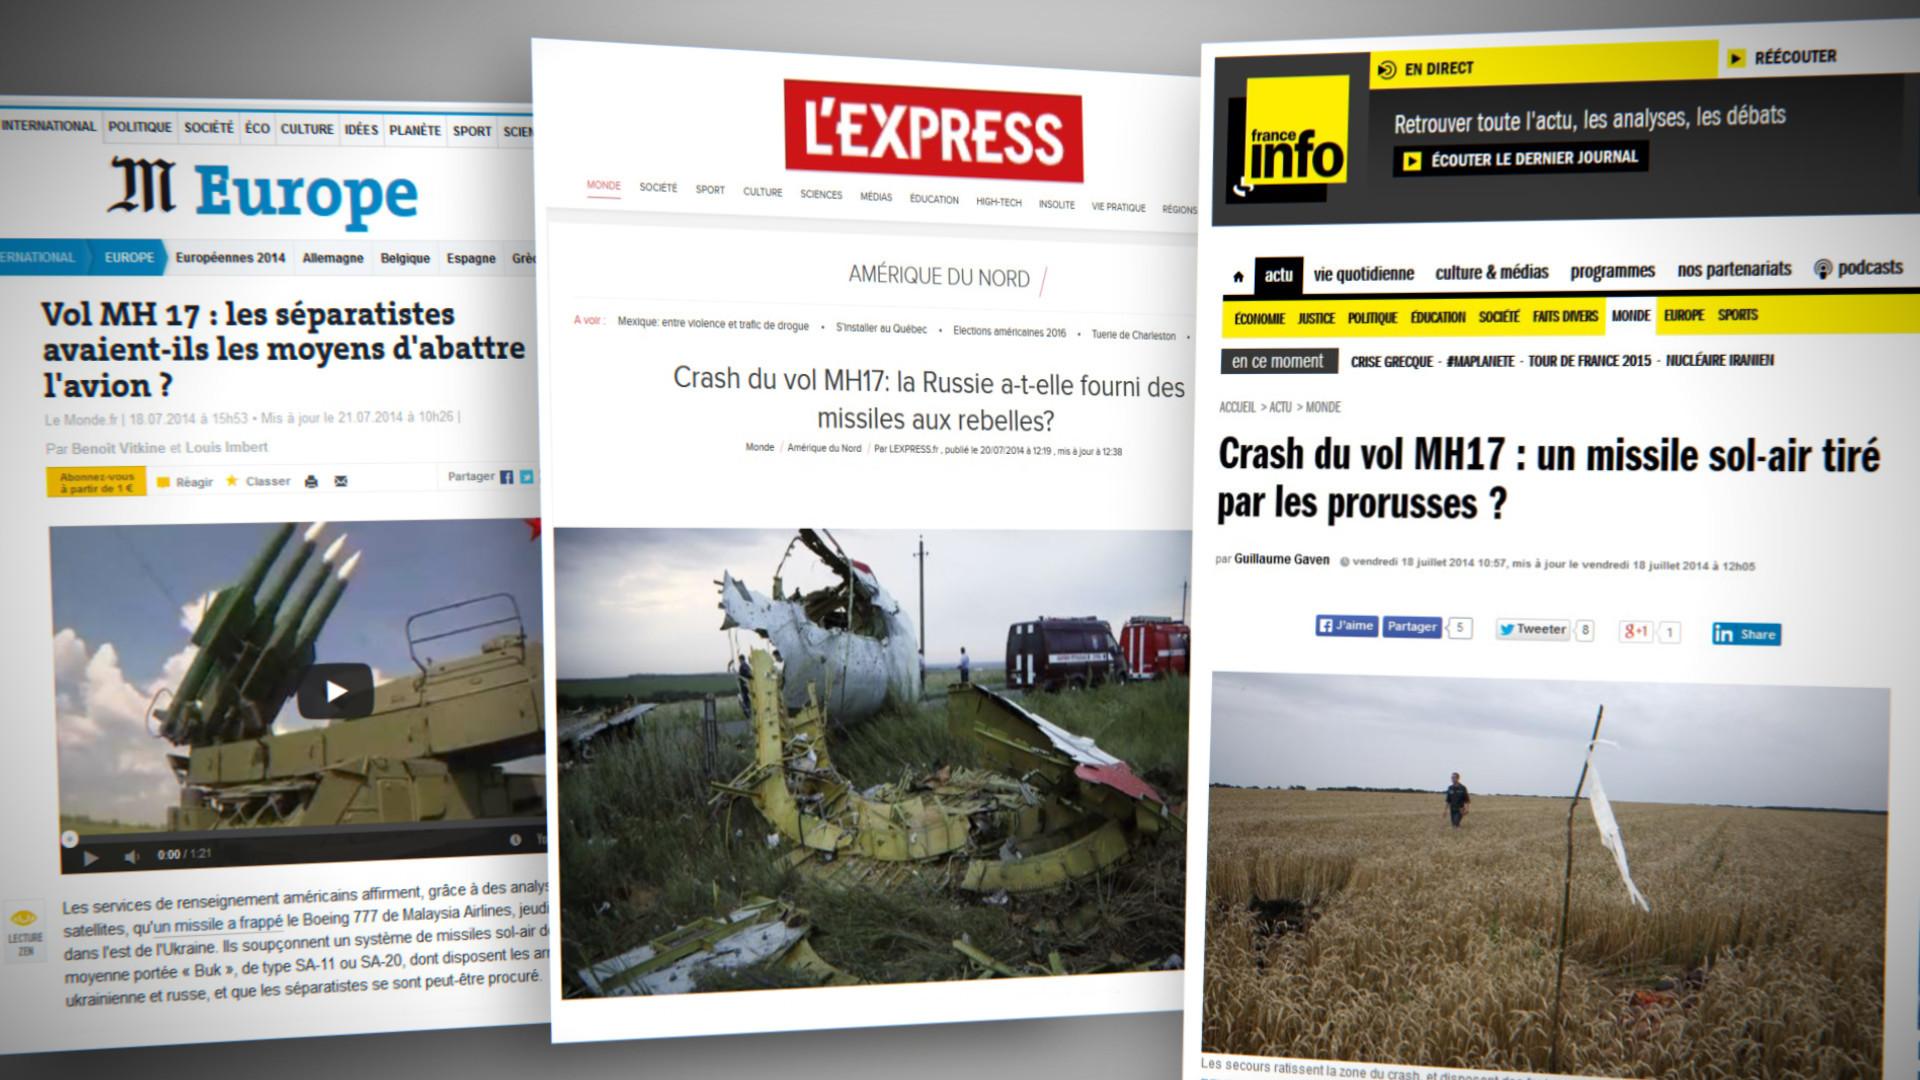 MH17 : ce que l'on sait avant la publication du rapport du Bureau néerlandais pour la sécurité